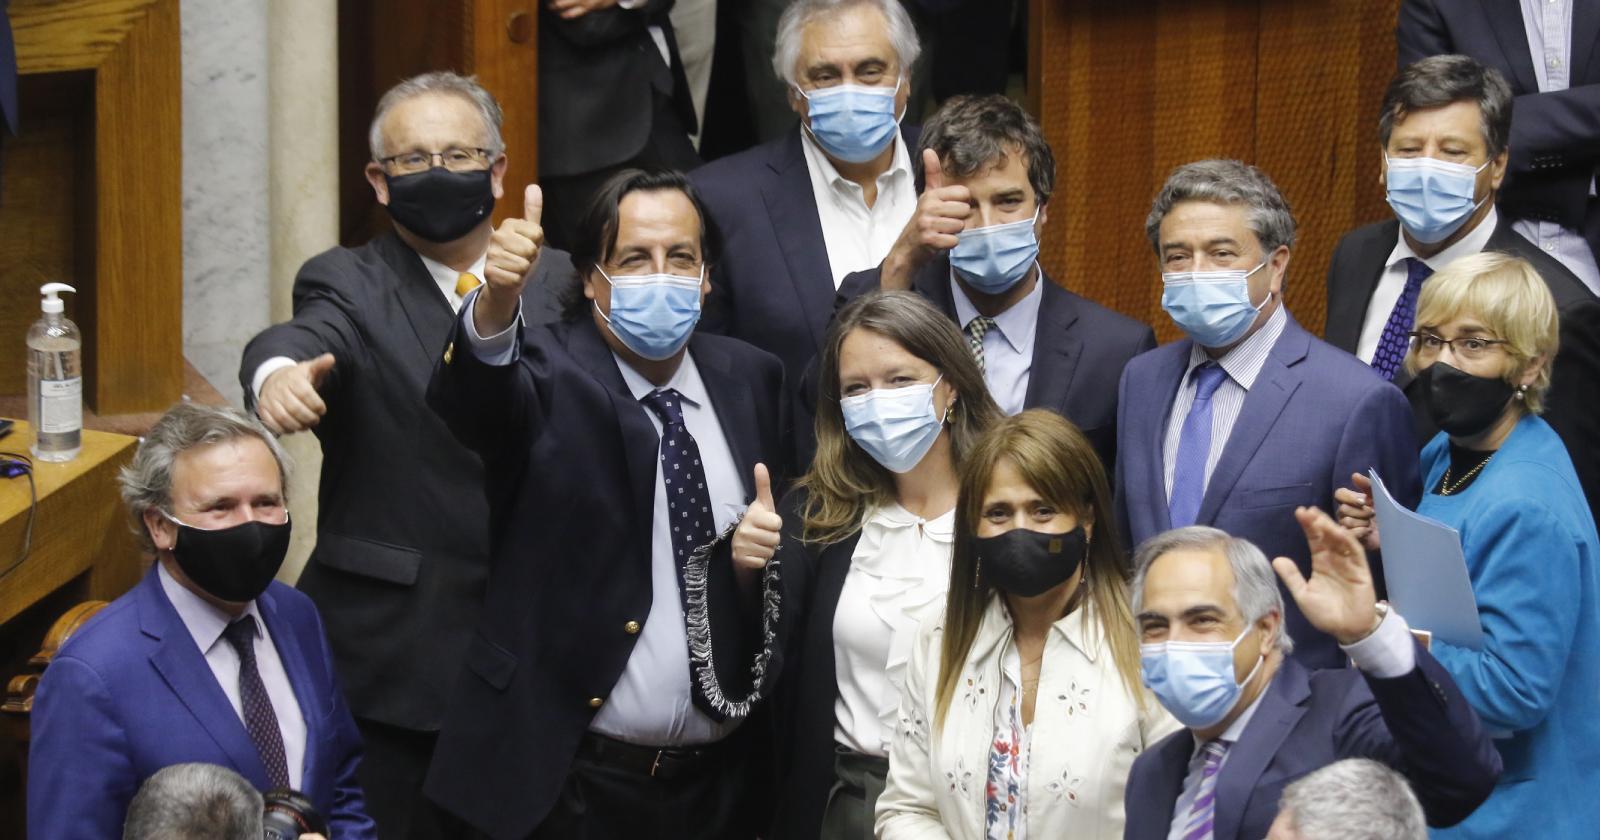 Senado desecha acusación constitucional contra ex ministro Víctor Pérez